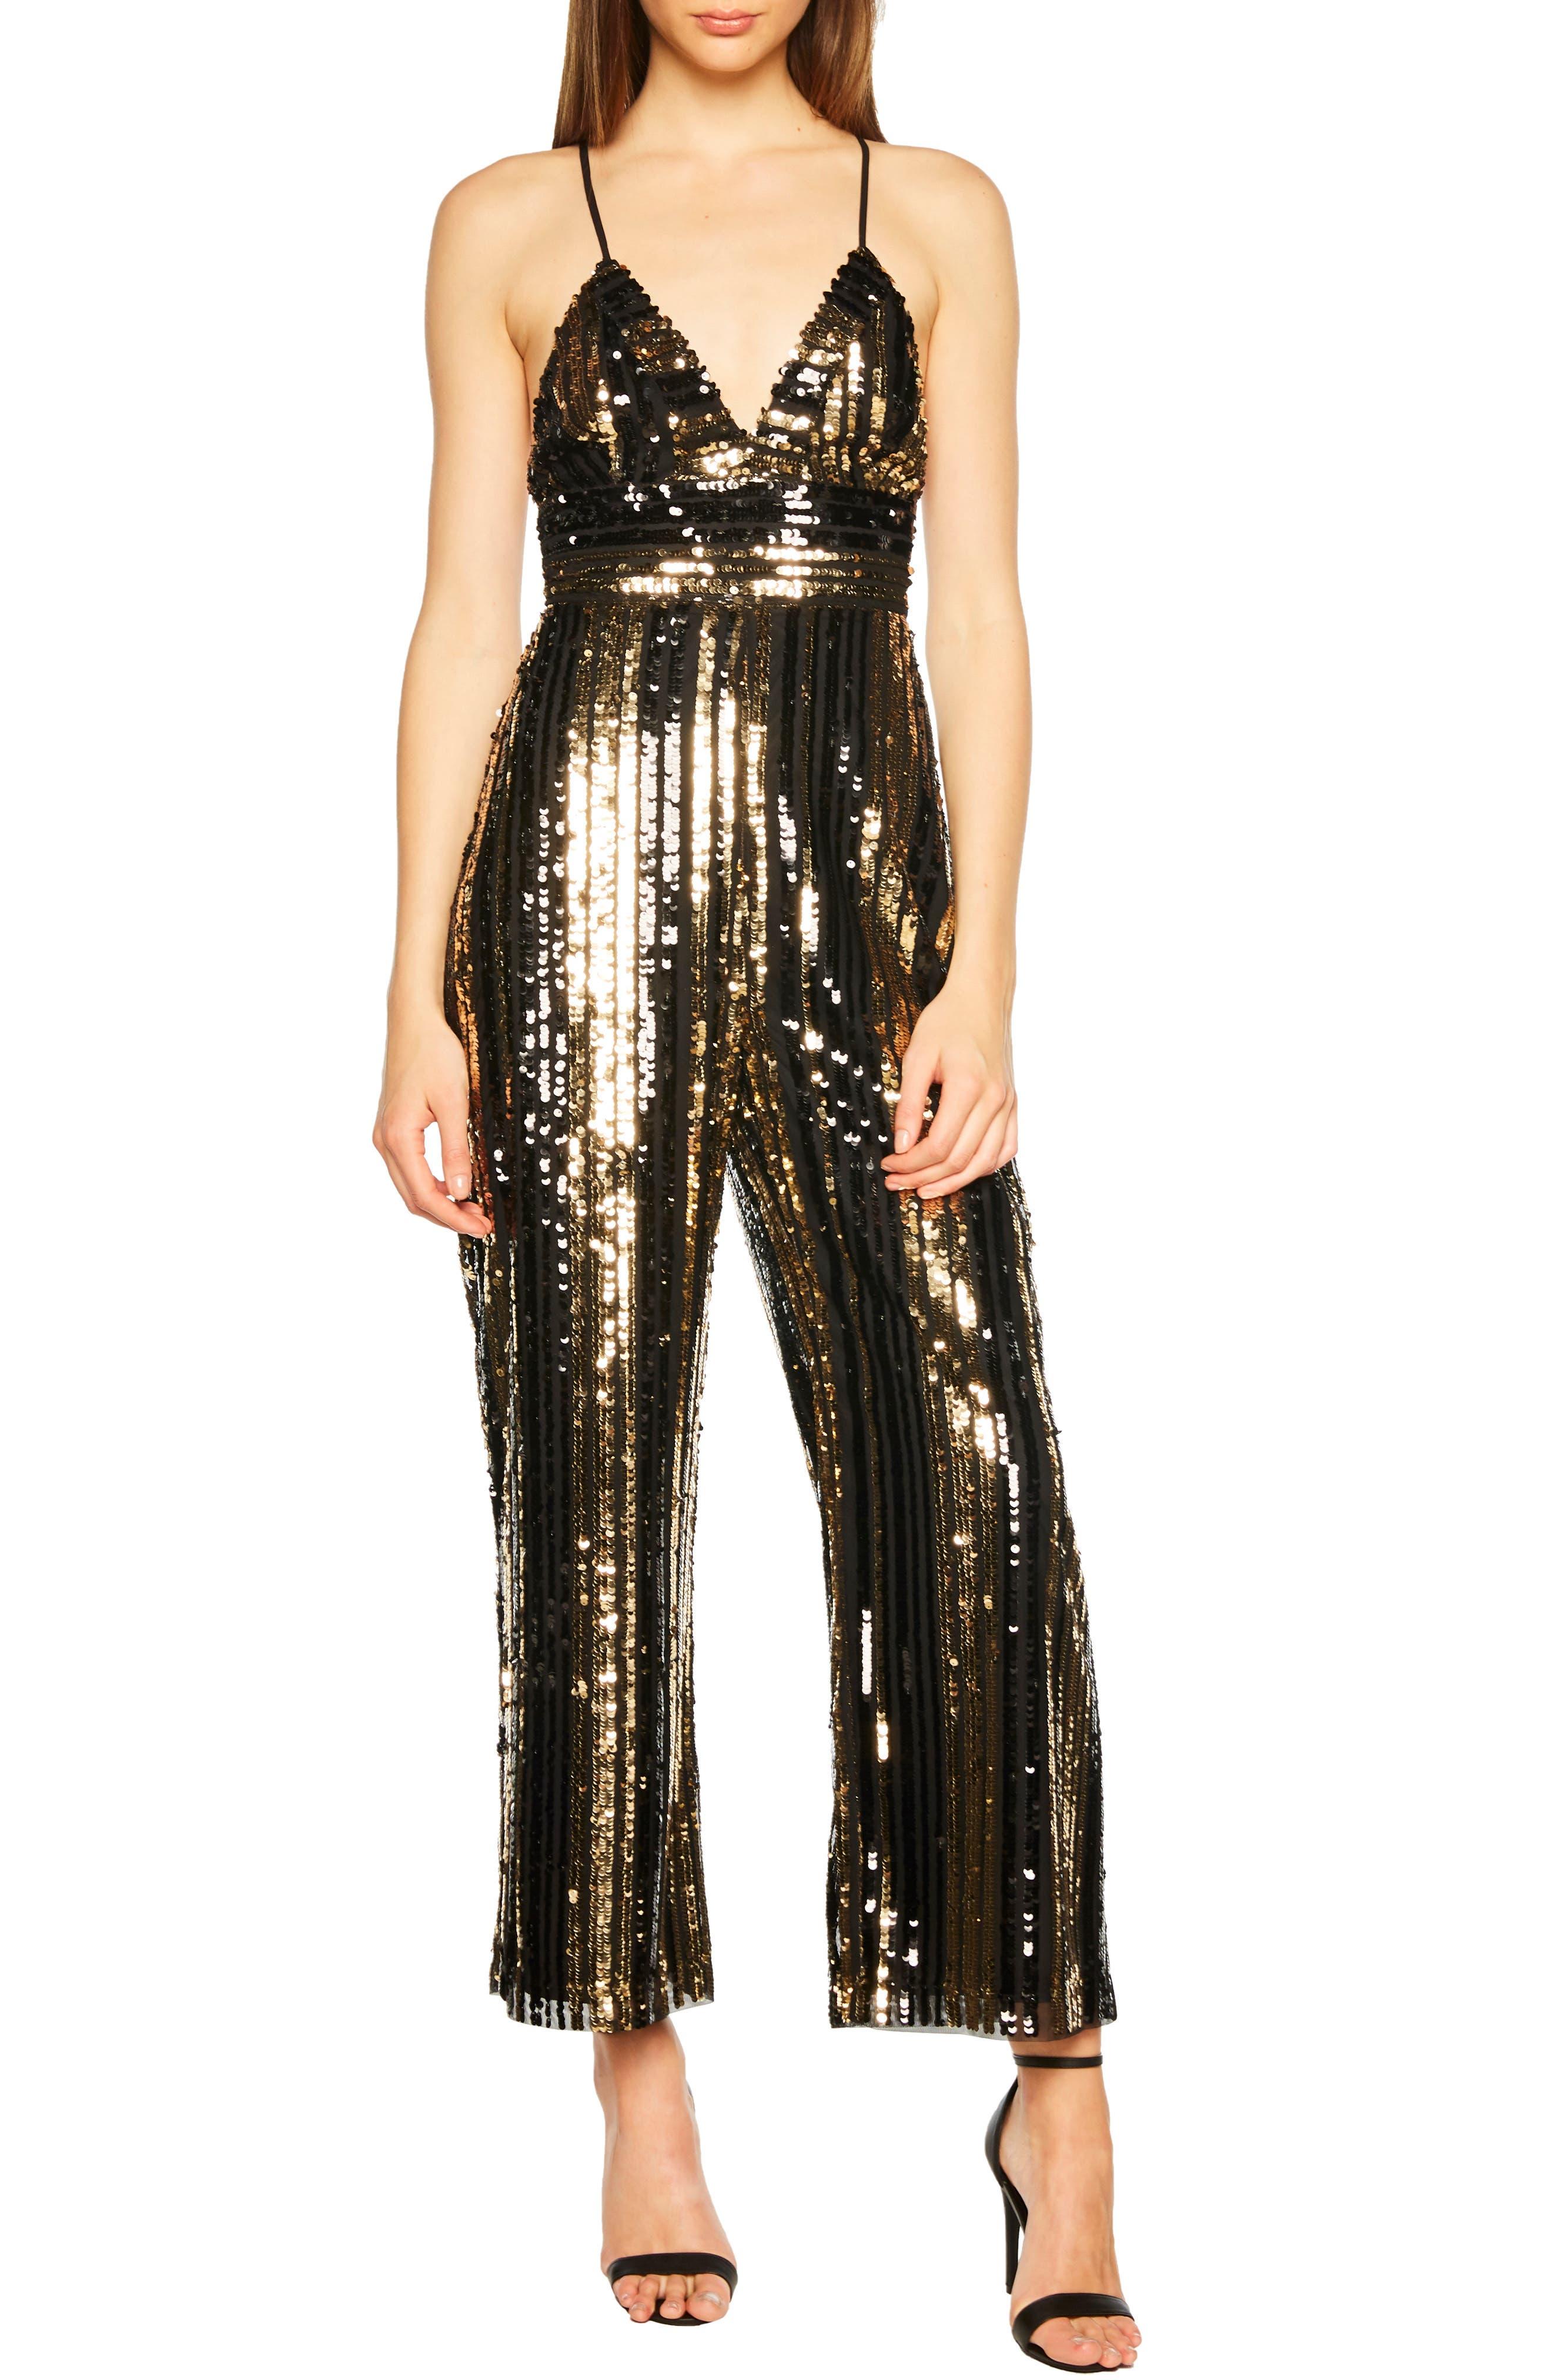 BARDOT, Goldie Sequin Stripe Jumpsuit, Main thumbnail 1, color, 001